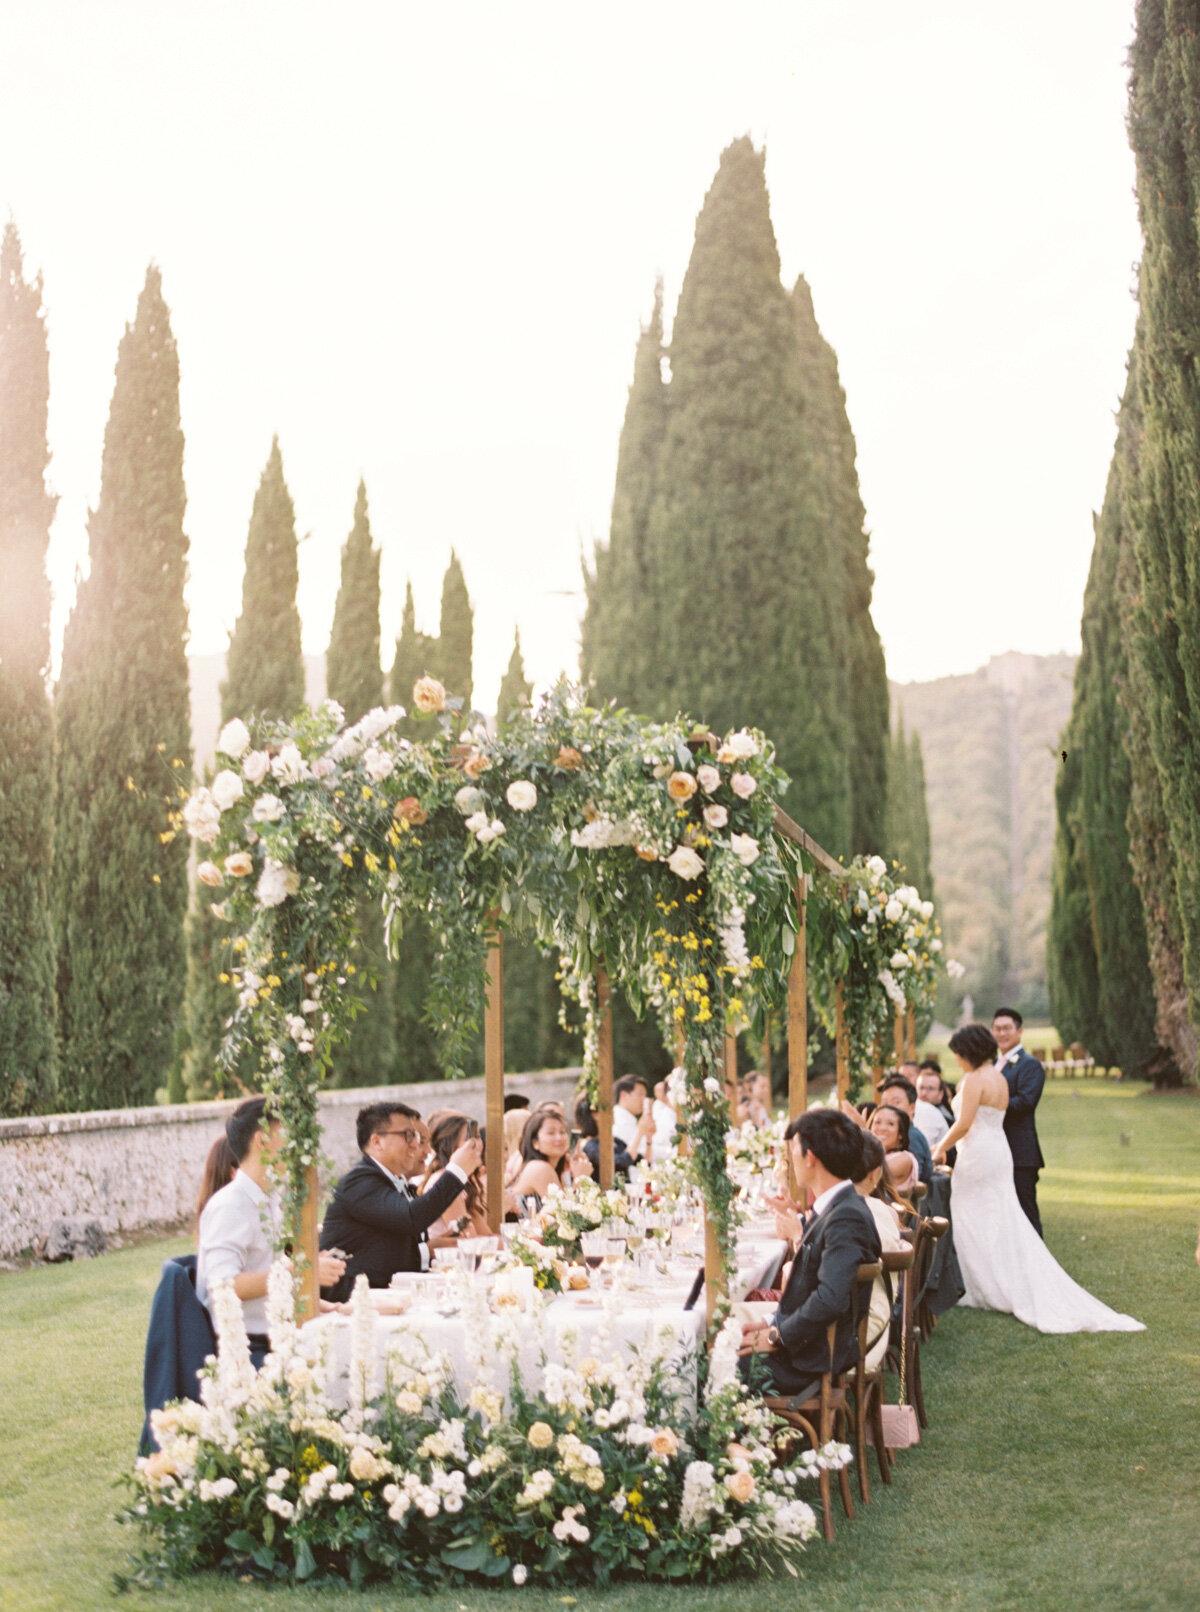 Villa-Cetinale-Tuscany-Katie-Grant-destination-wedding (108 of 115).jpg